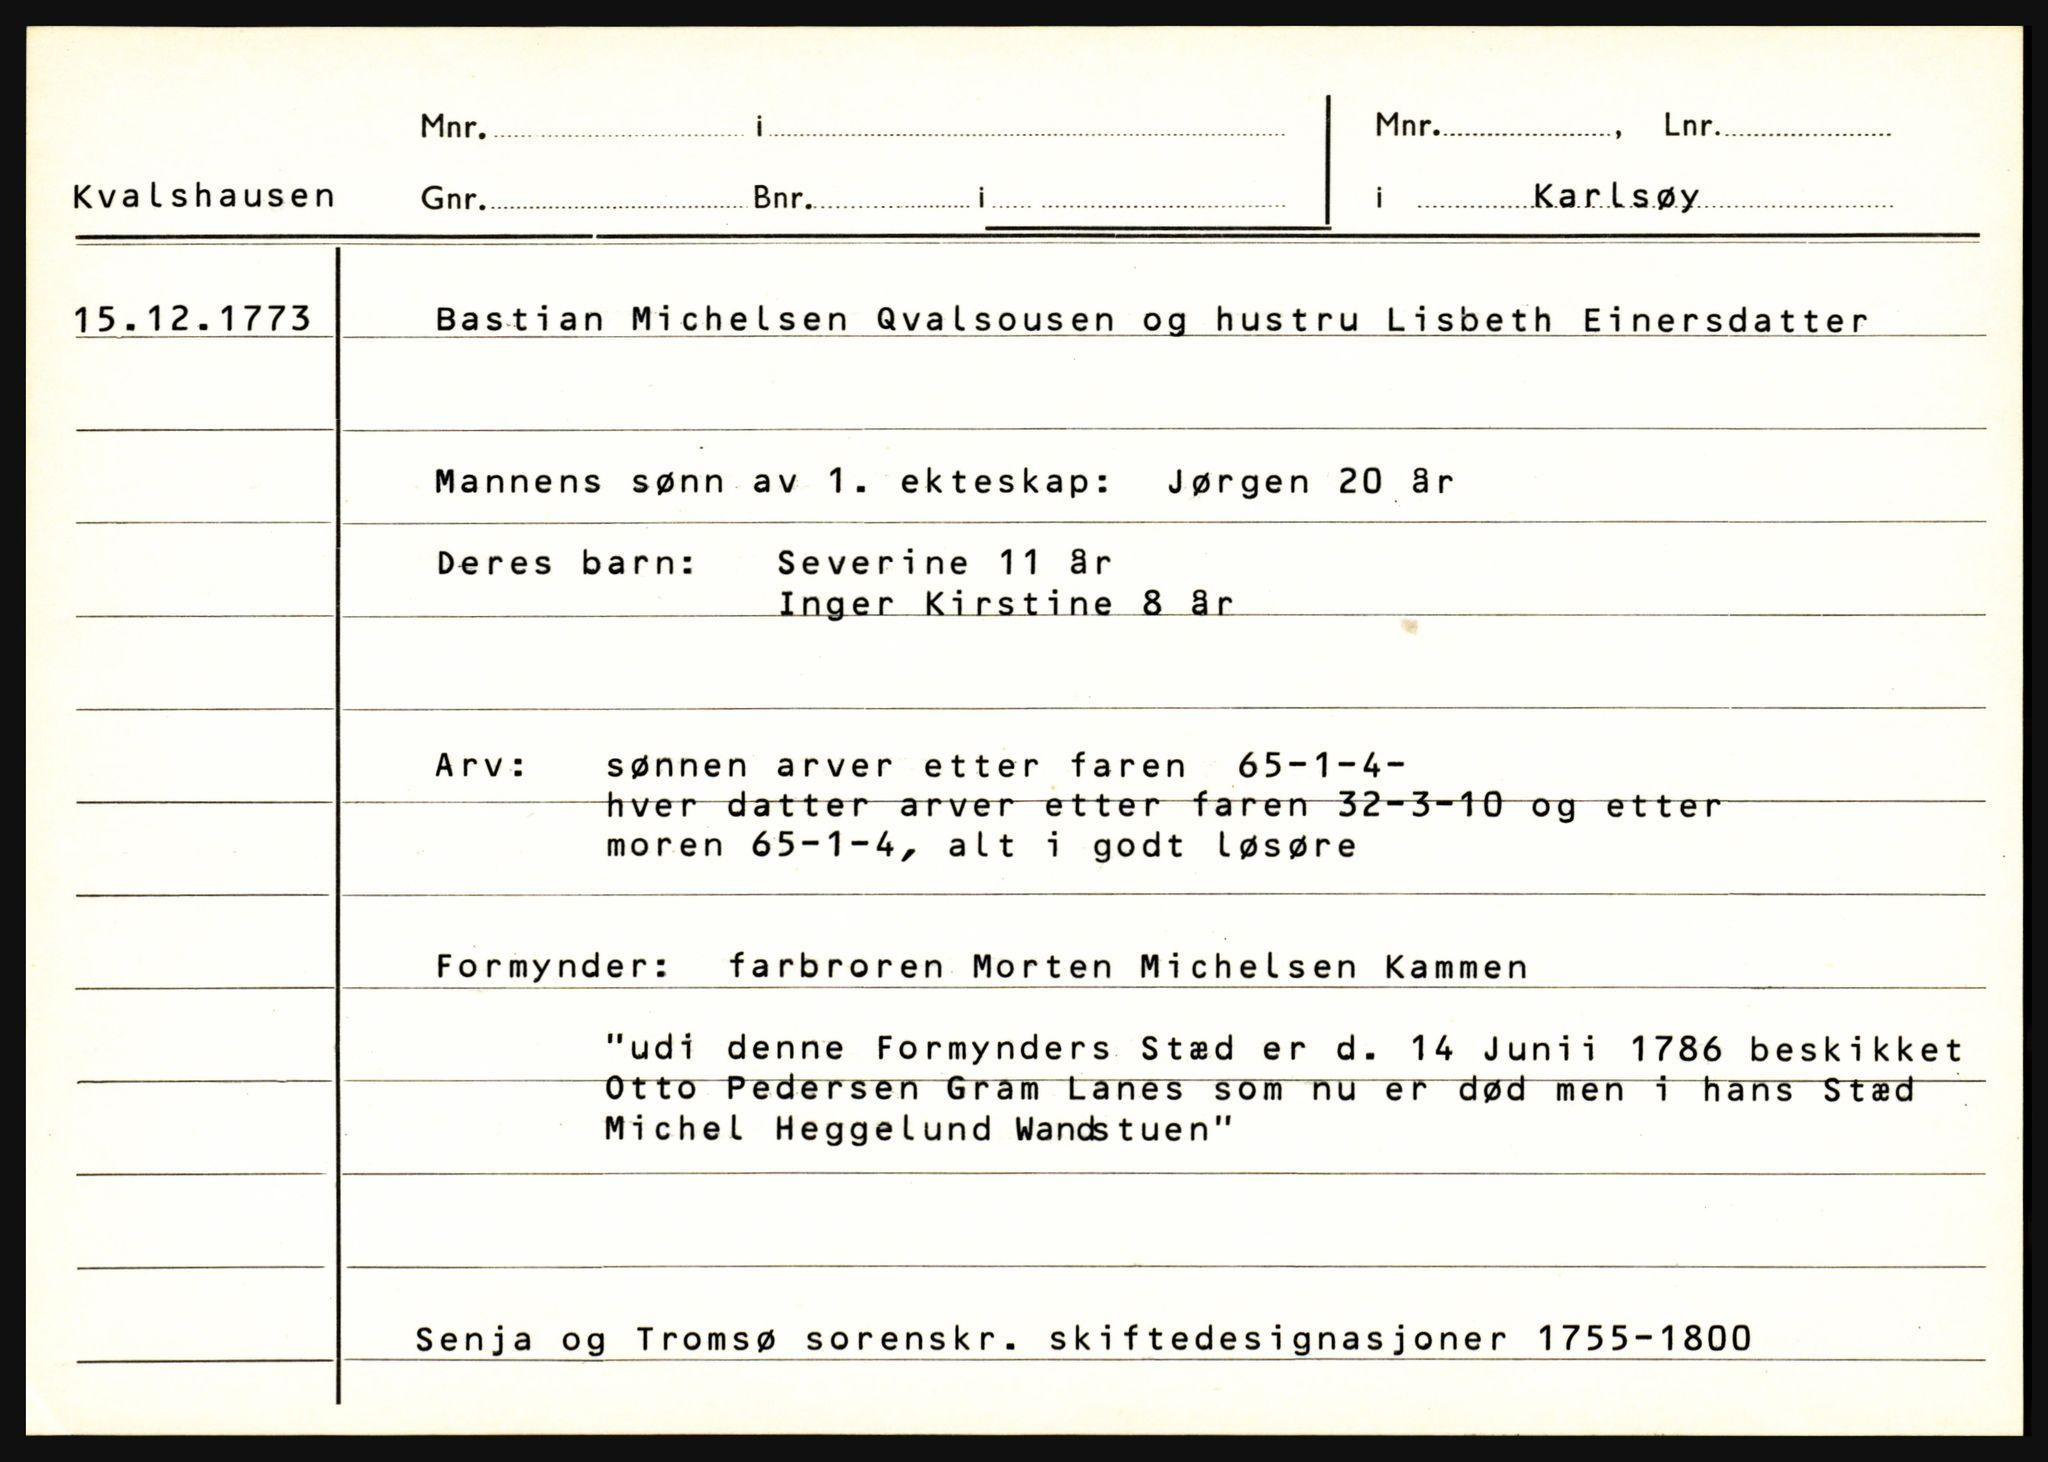 SATØ, Senja og Tromsø sorenskriveri , H, 1755-1800, p. 191